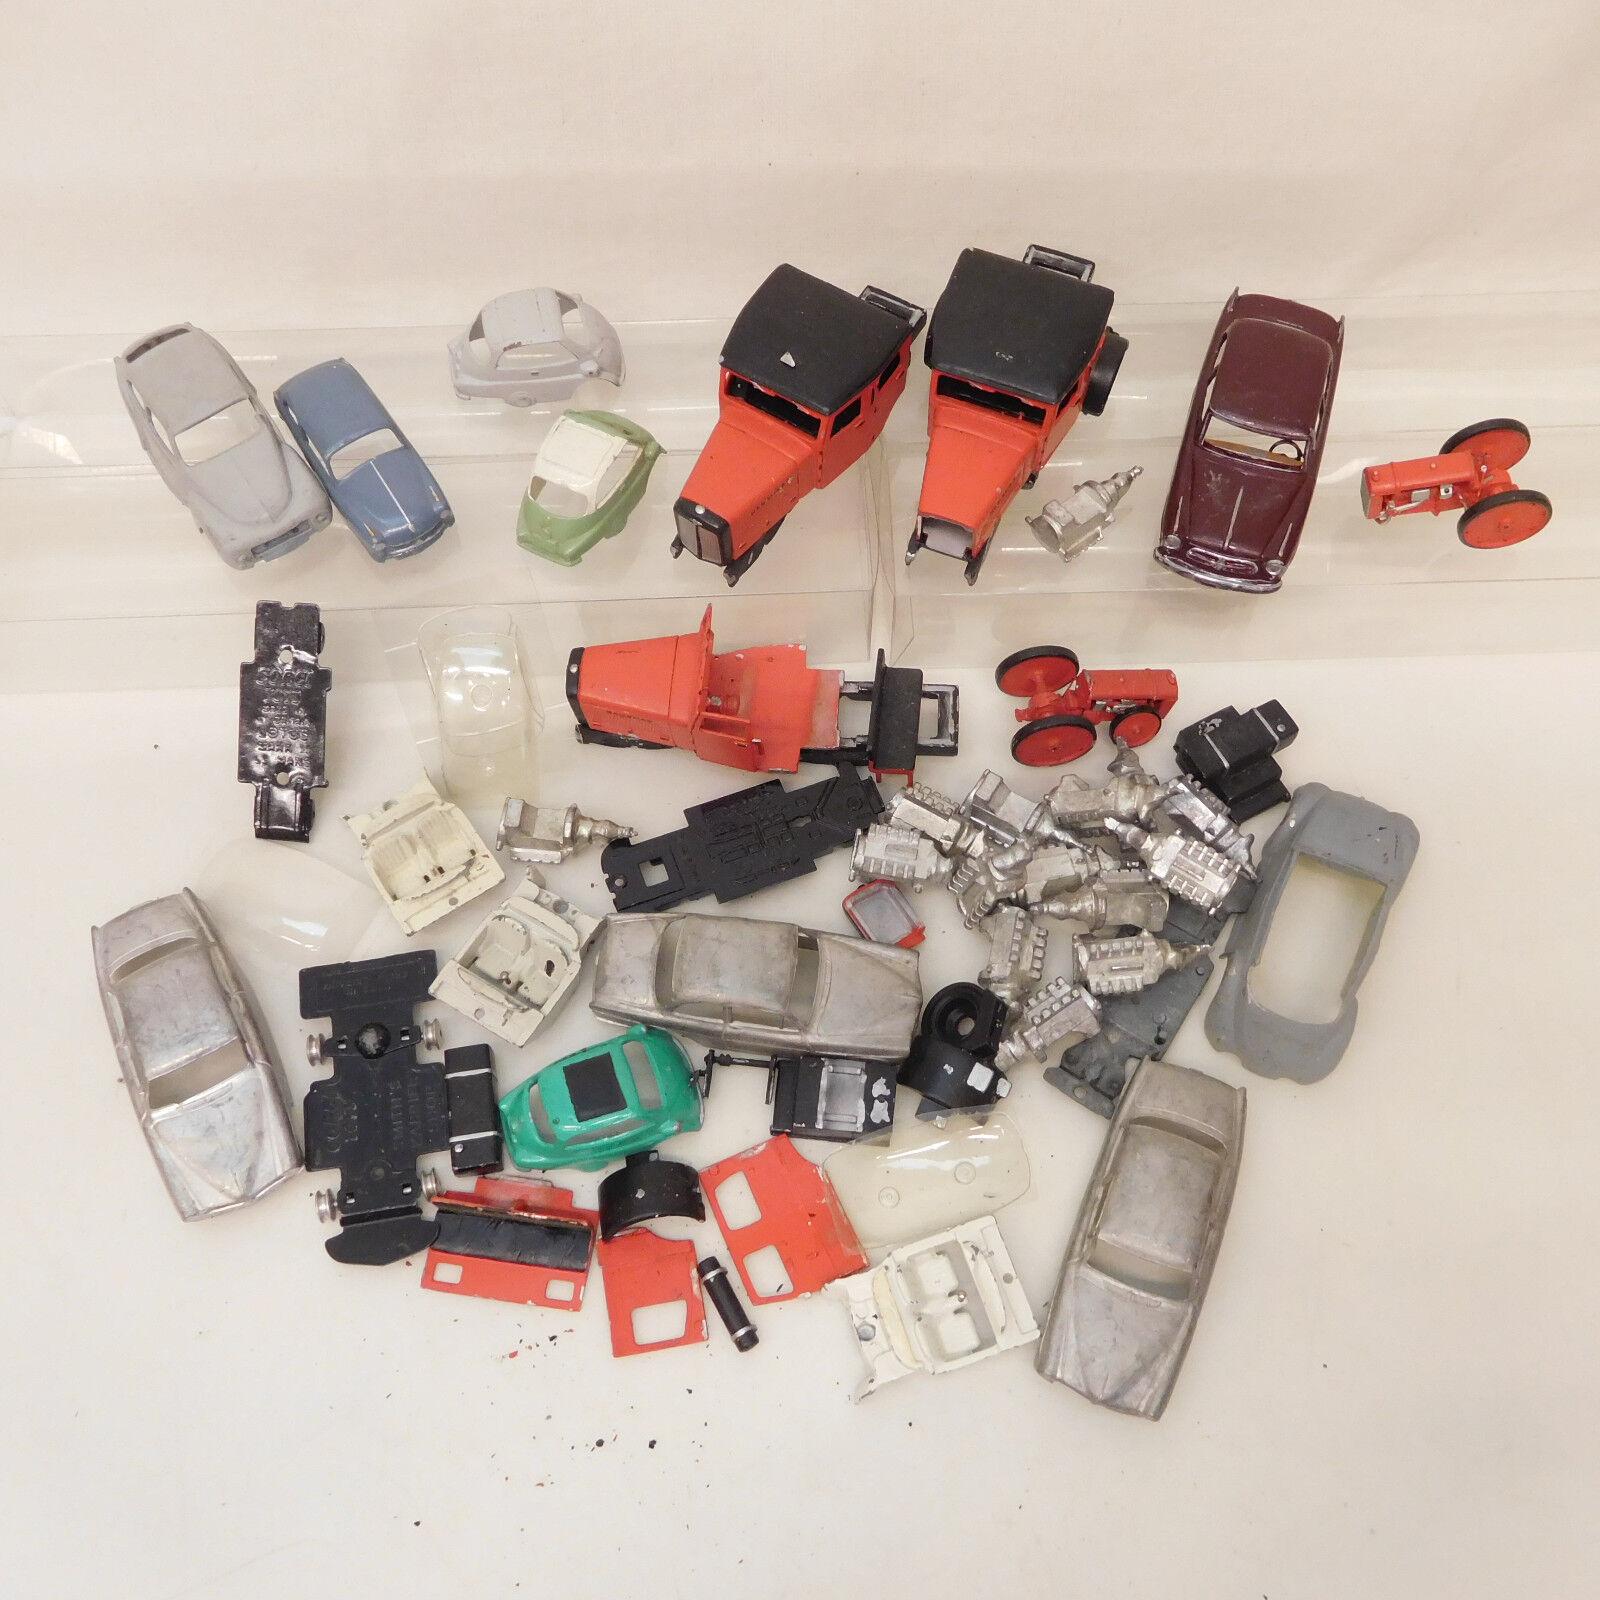 Mes-60917 1:43 Auto/Camion pezzi di ricambio metallo, senza confezione originale,